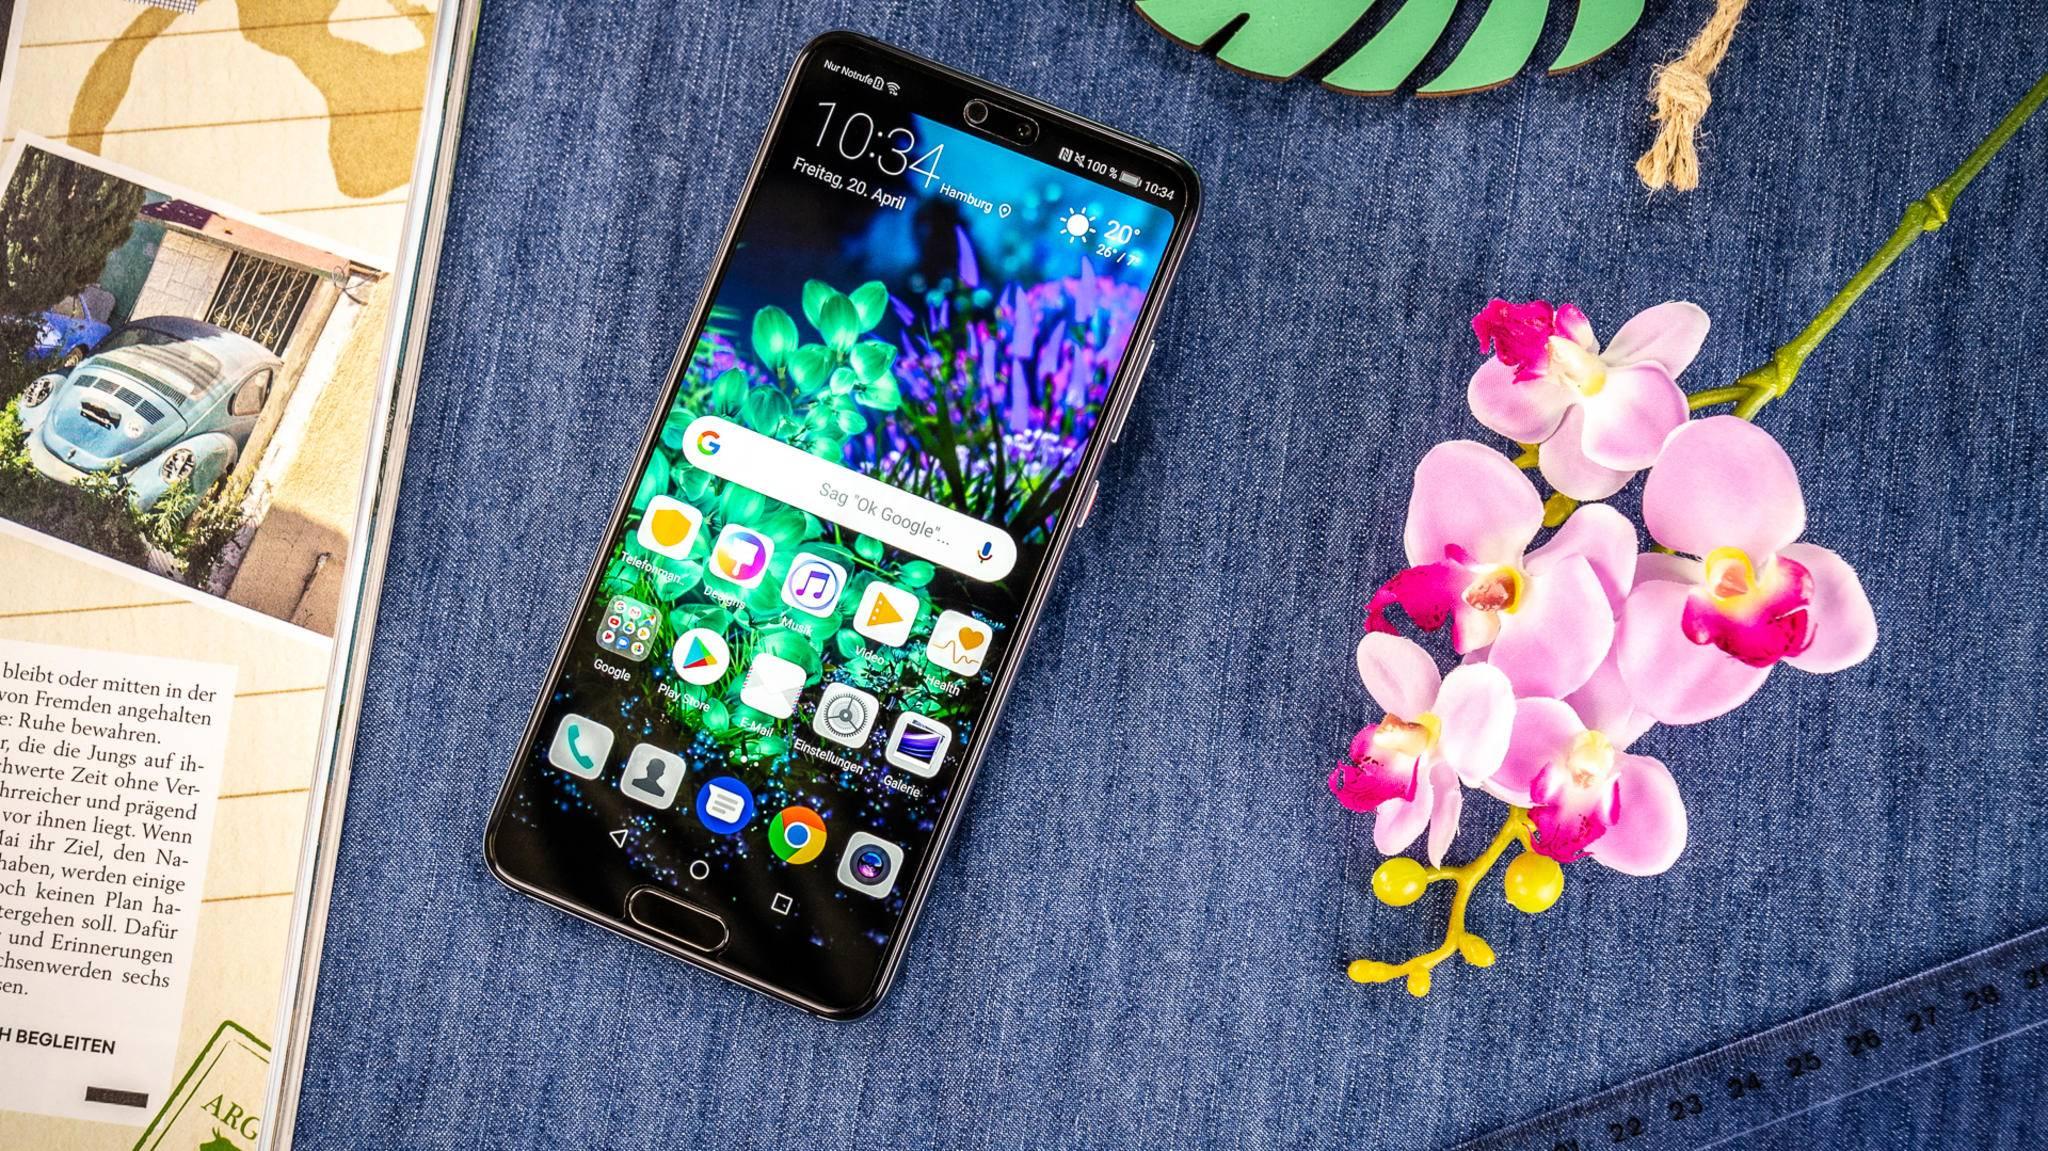 Huawei hat im zweiten Jahresquartal 2018 mehr Smartphones (hier das Huawei P20) ausgeliefert als Apple.